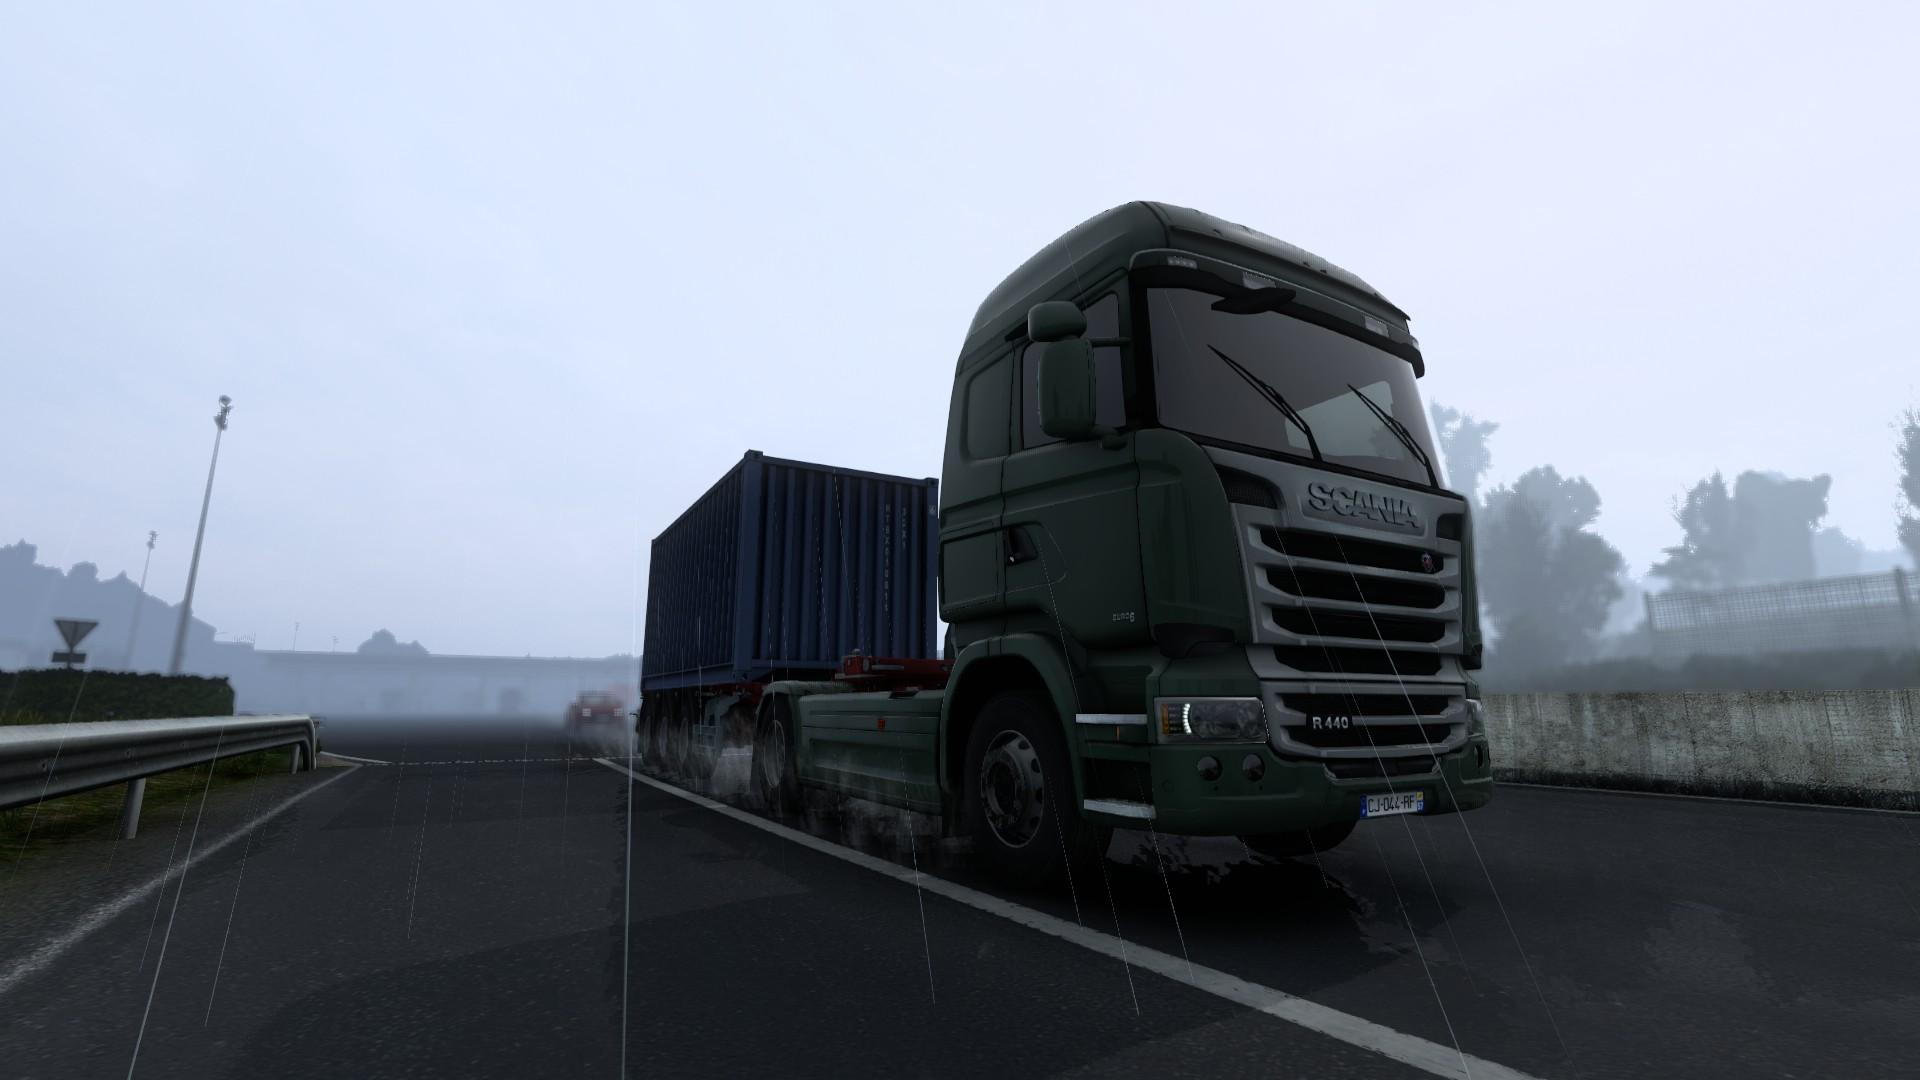 Euro Truck Simulator 2 Update 1.40 Rain Storm